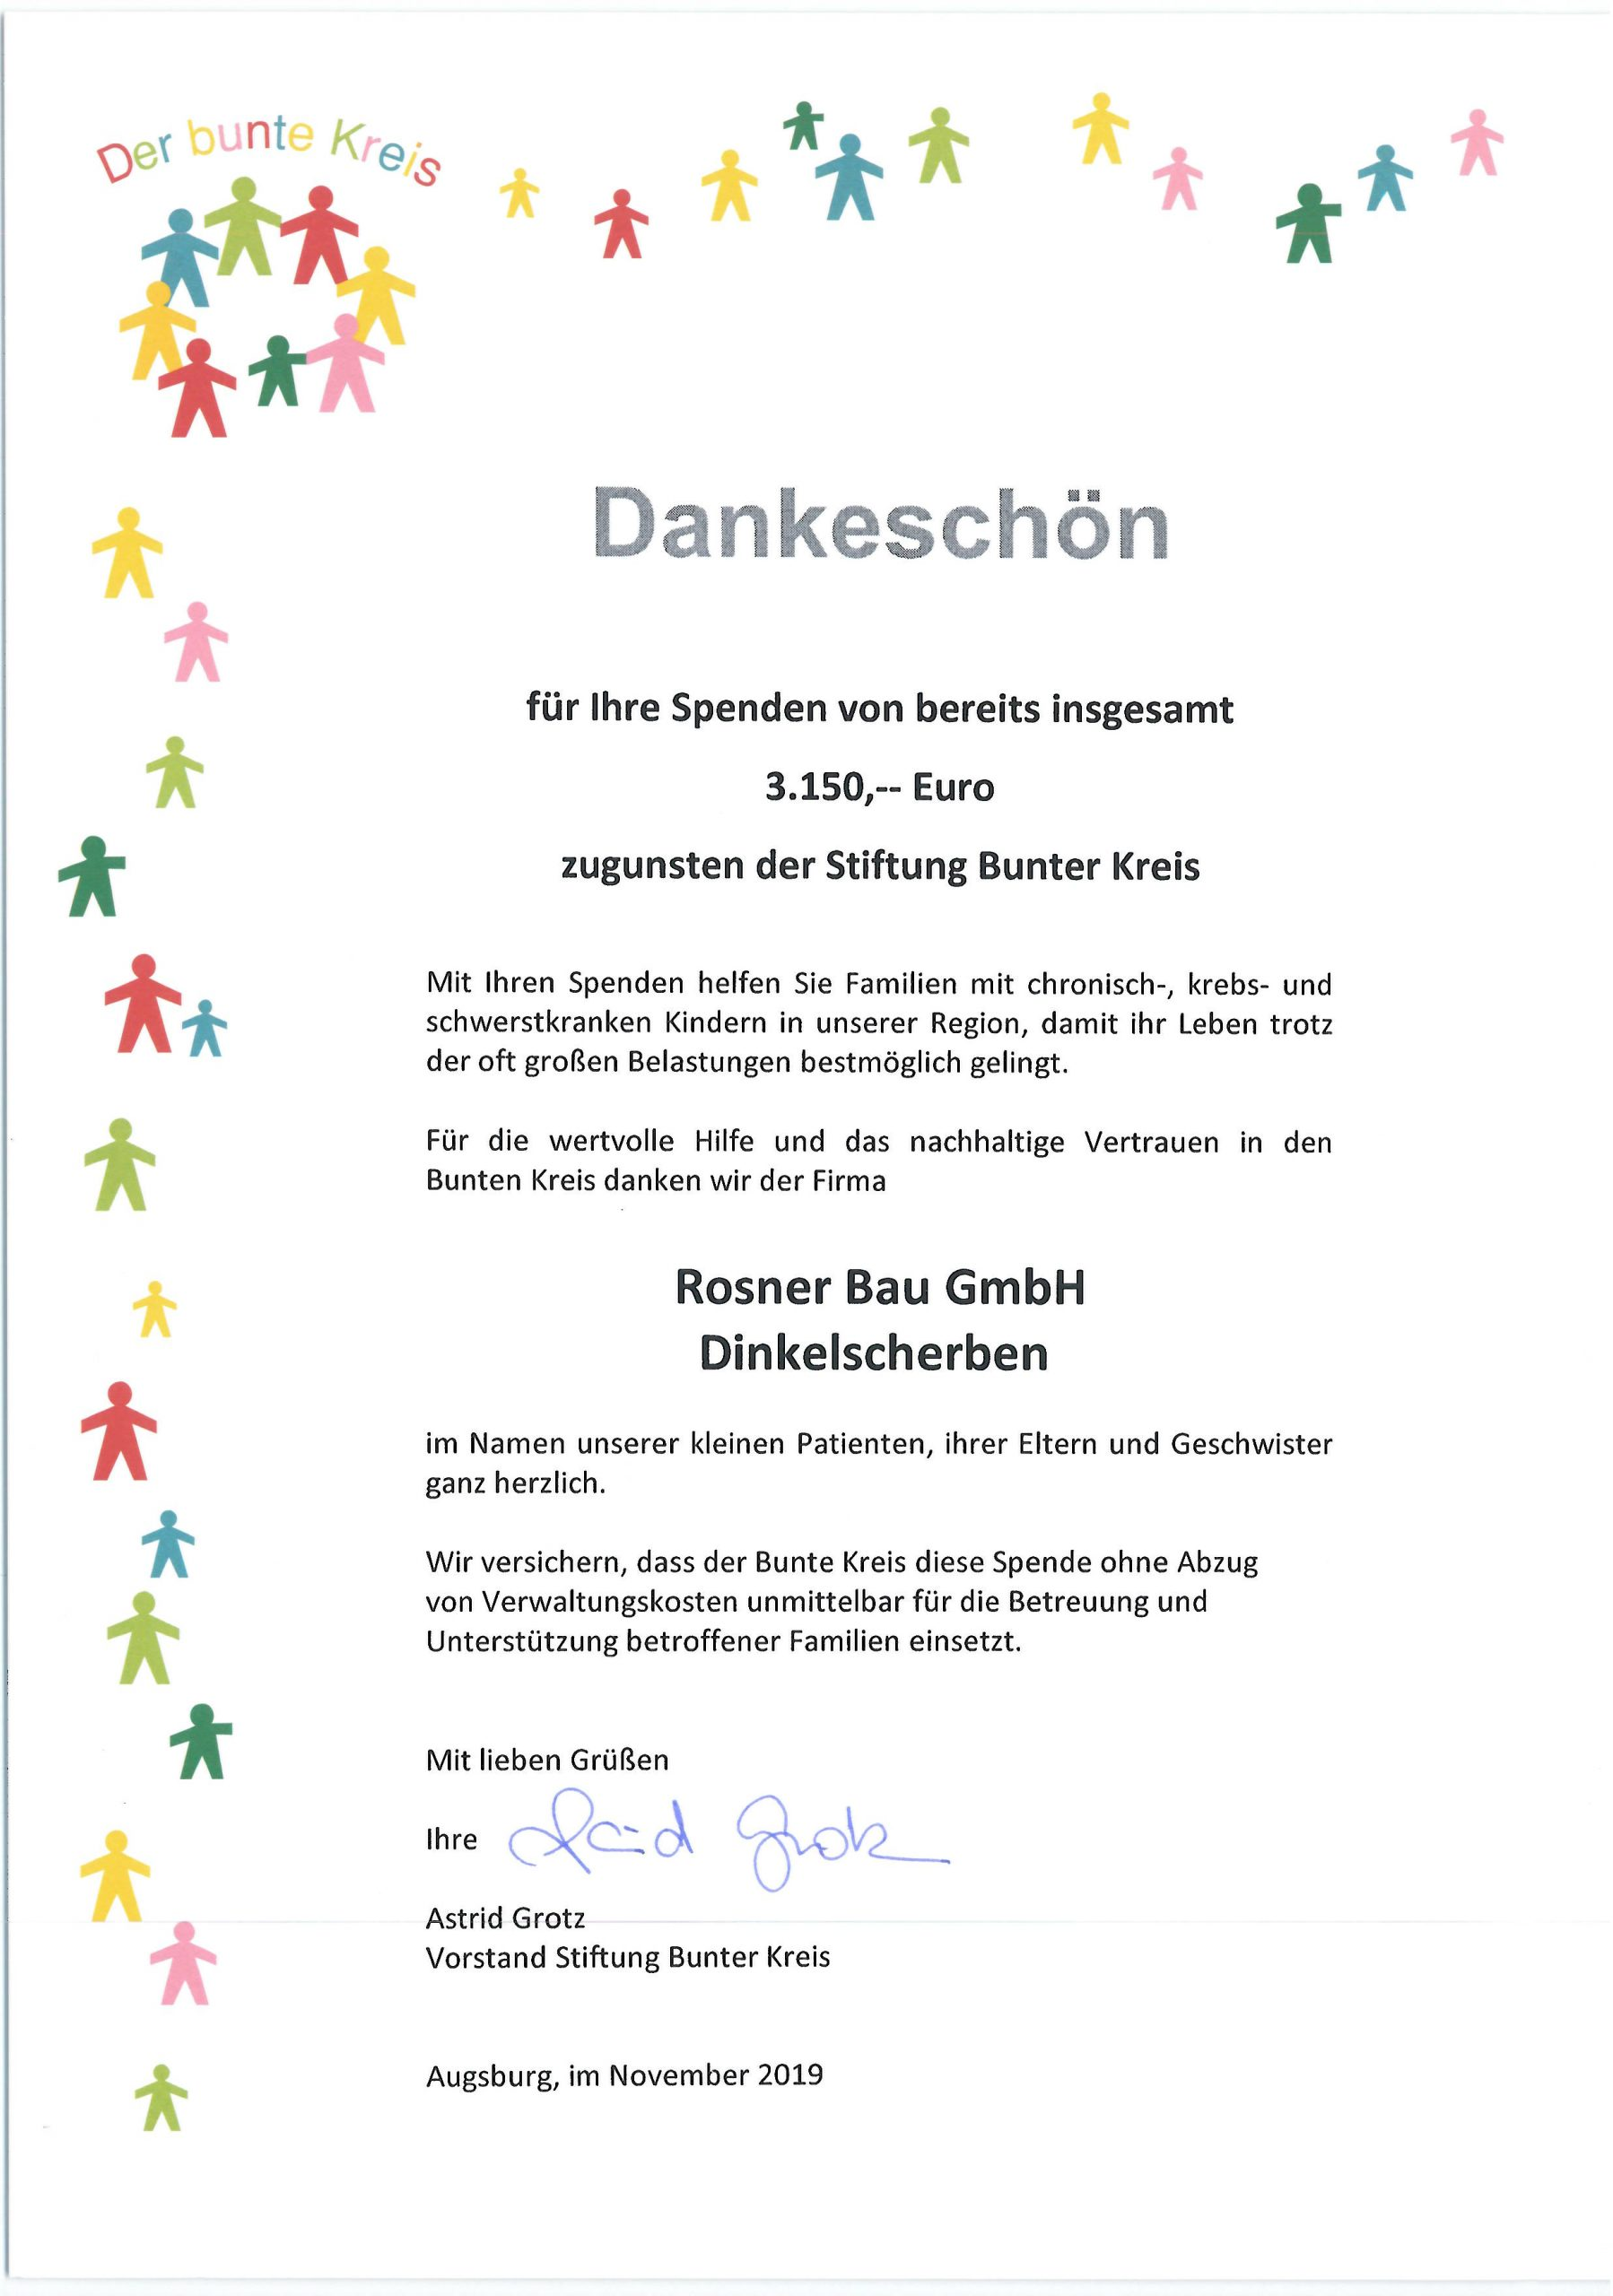 Stiftung Bunter Kreis 2019 Rosner Bau GmbH